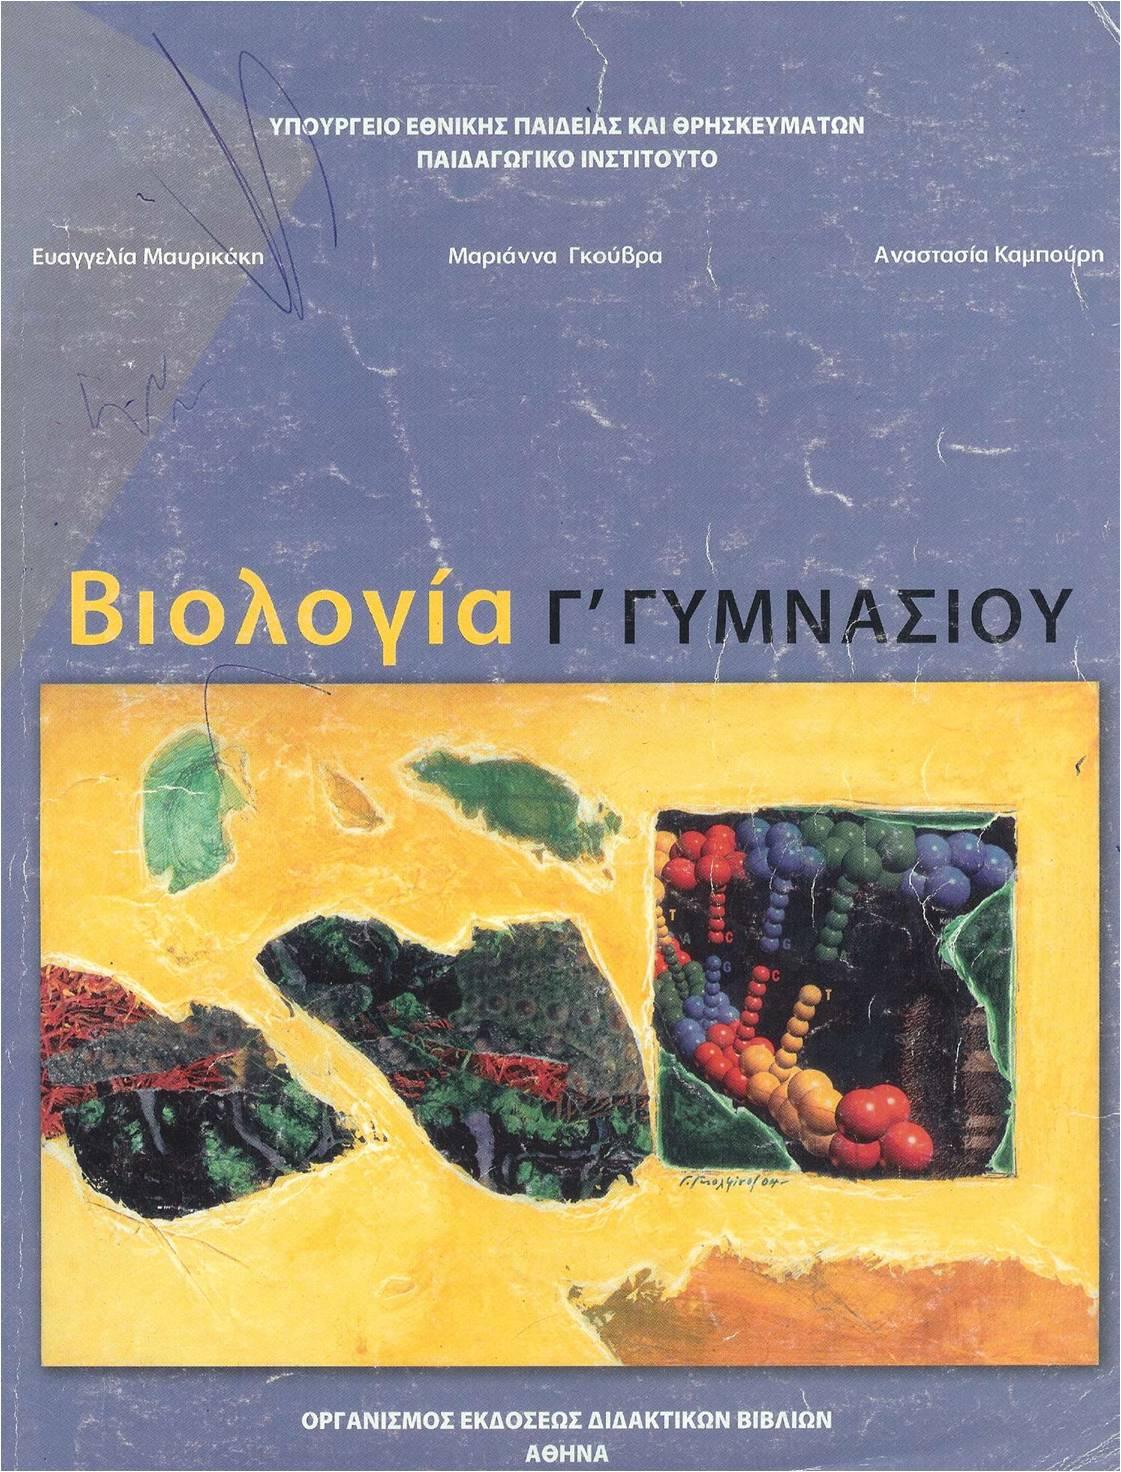 Εντόπισα στο βιβλίο της βιολογίας της